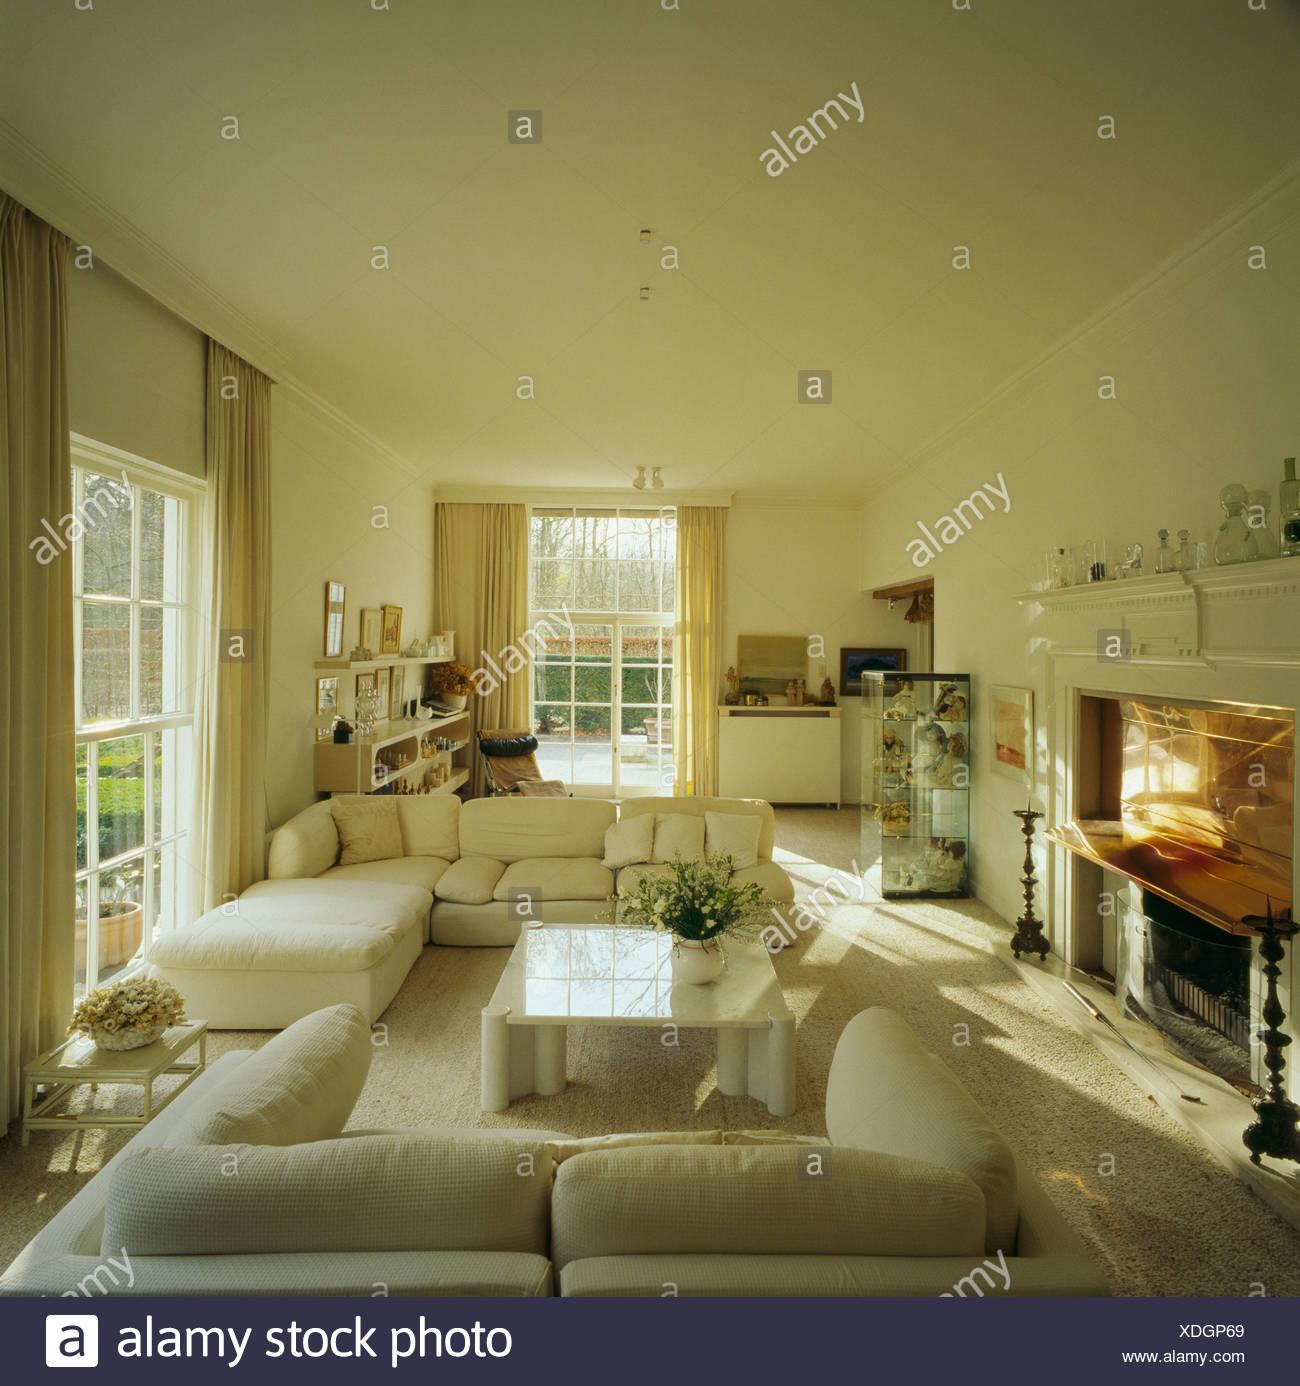 Neutrale Wohnzimmer Mit Modernen Mobeln In Schwedischen Landhaus Stockbild